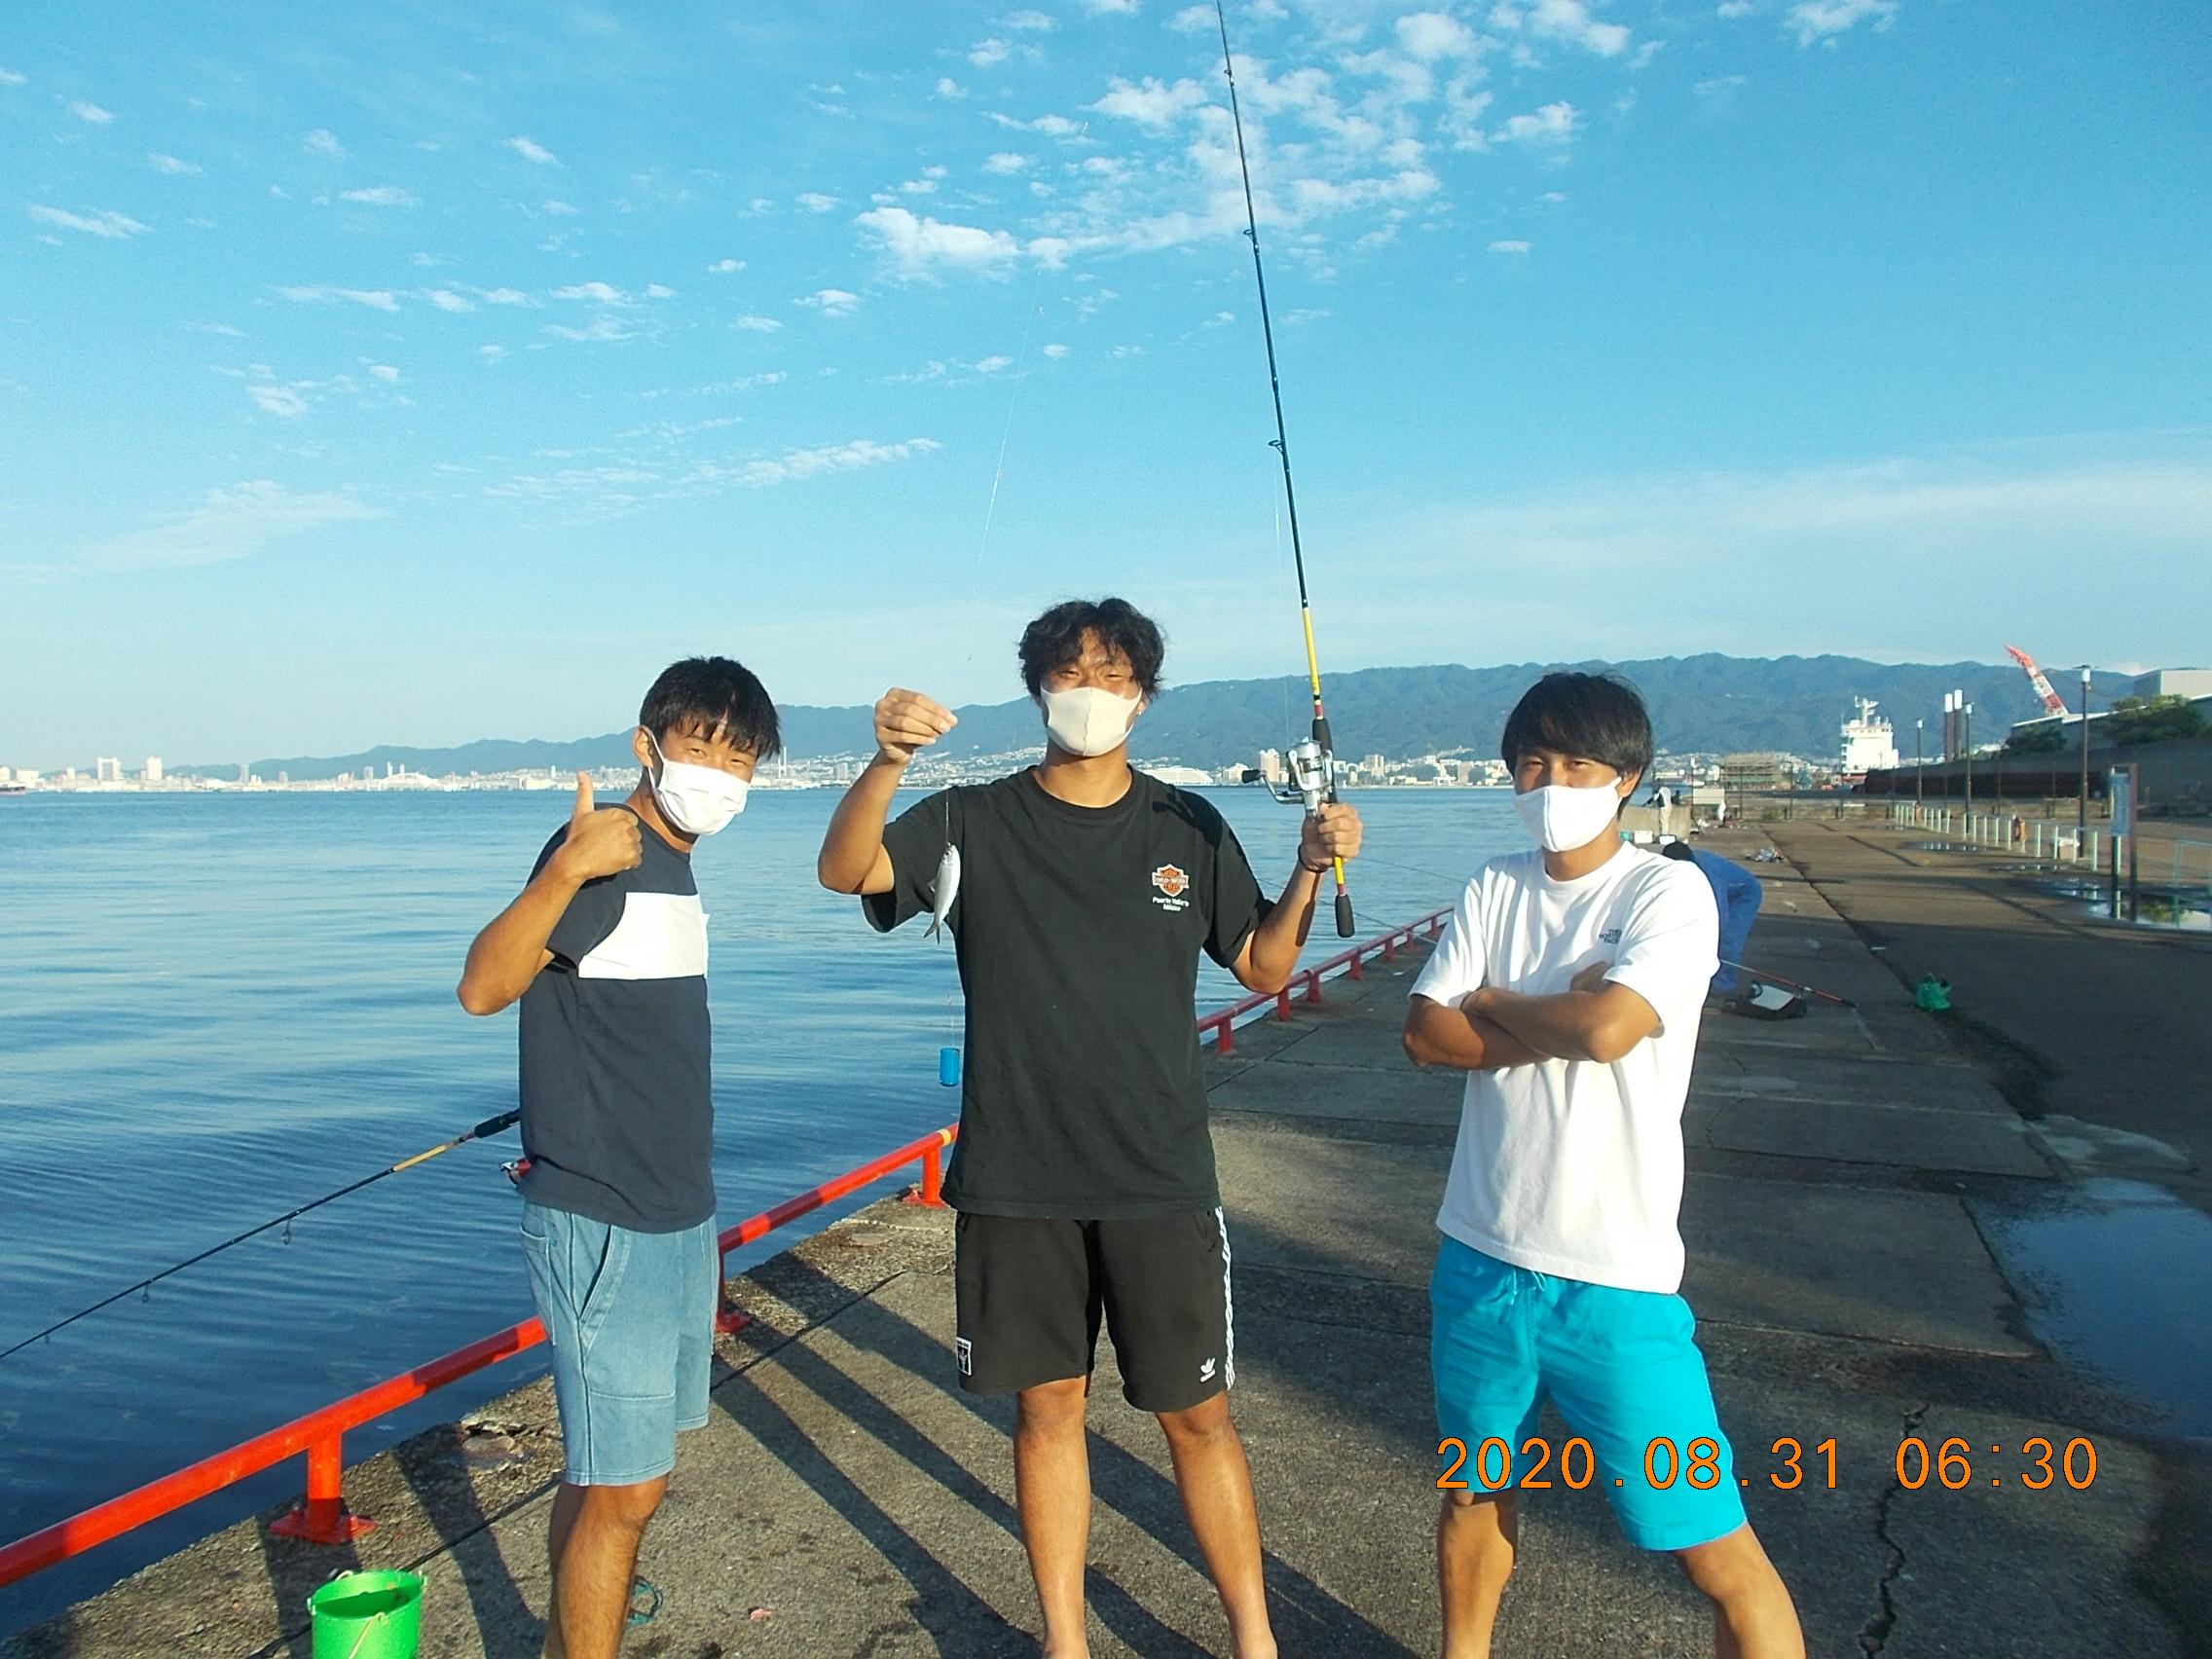 浜 公園 釣り 鳴尾 釣果 海